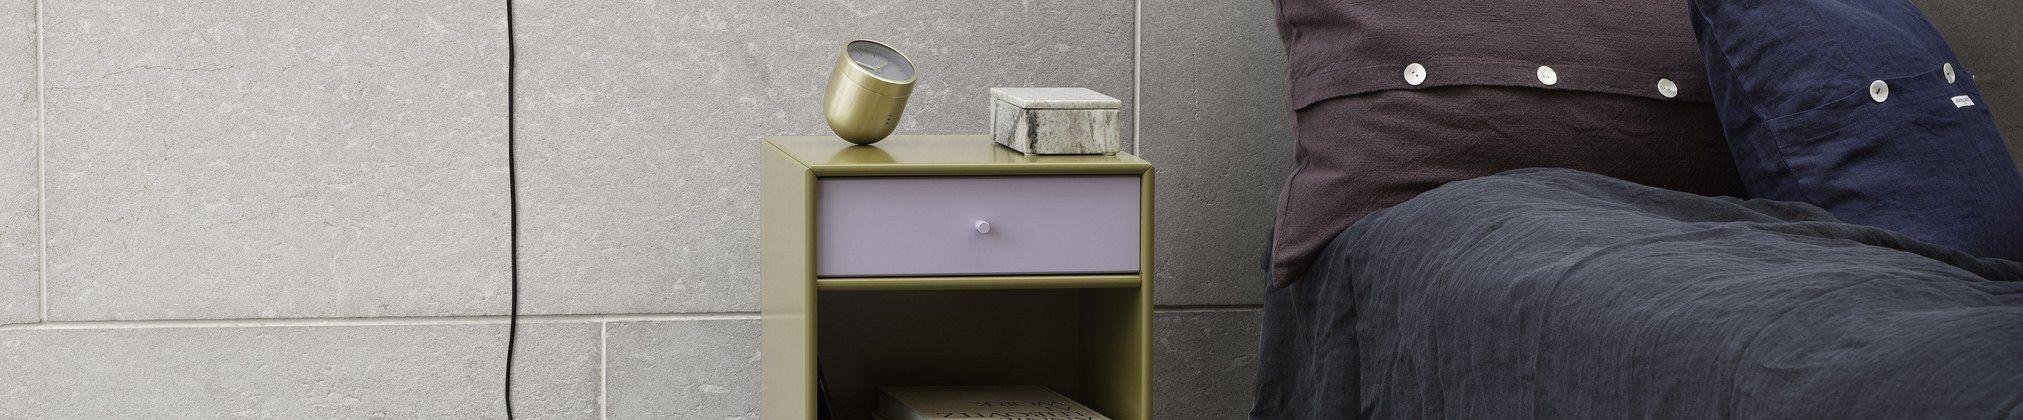 Landelijke Nachtkastjes Te Koop.Design Nachtkastjes Nachtkastje Online Kopen Flinders